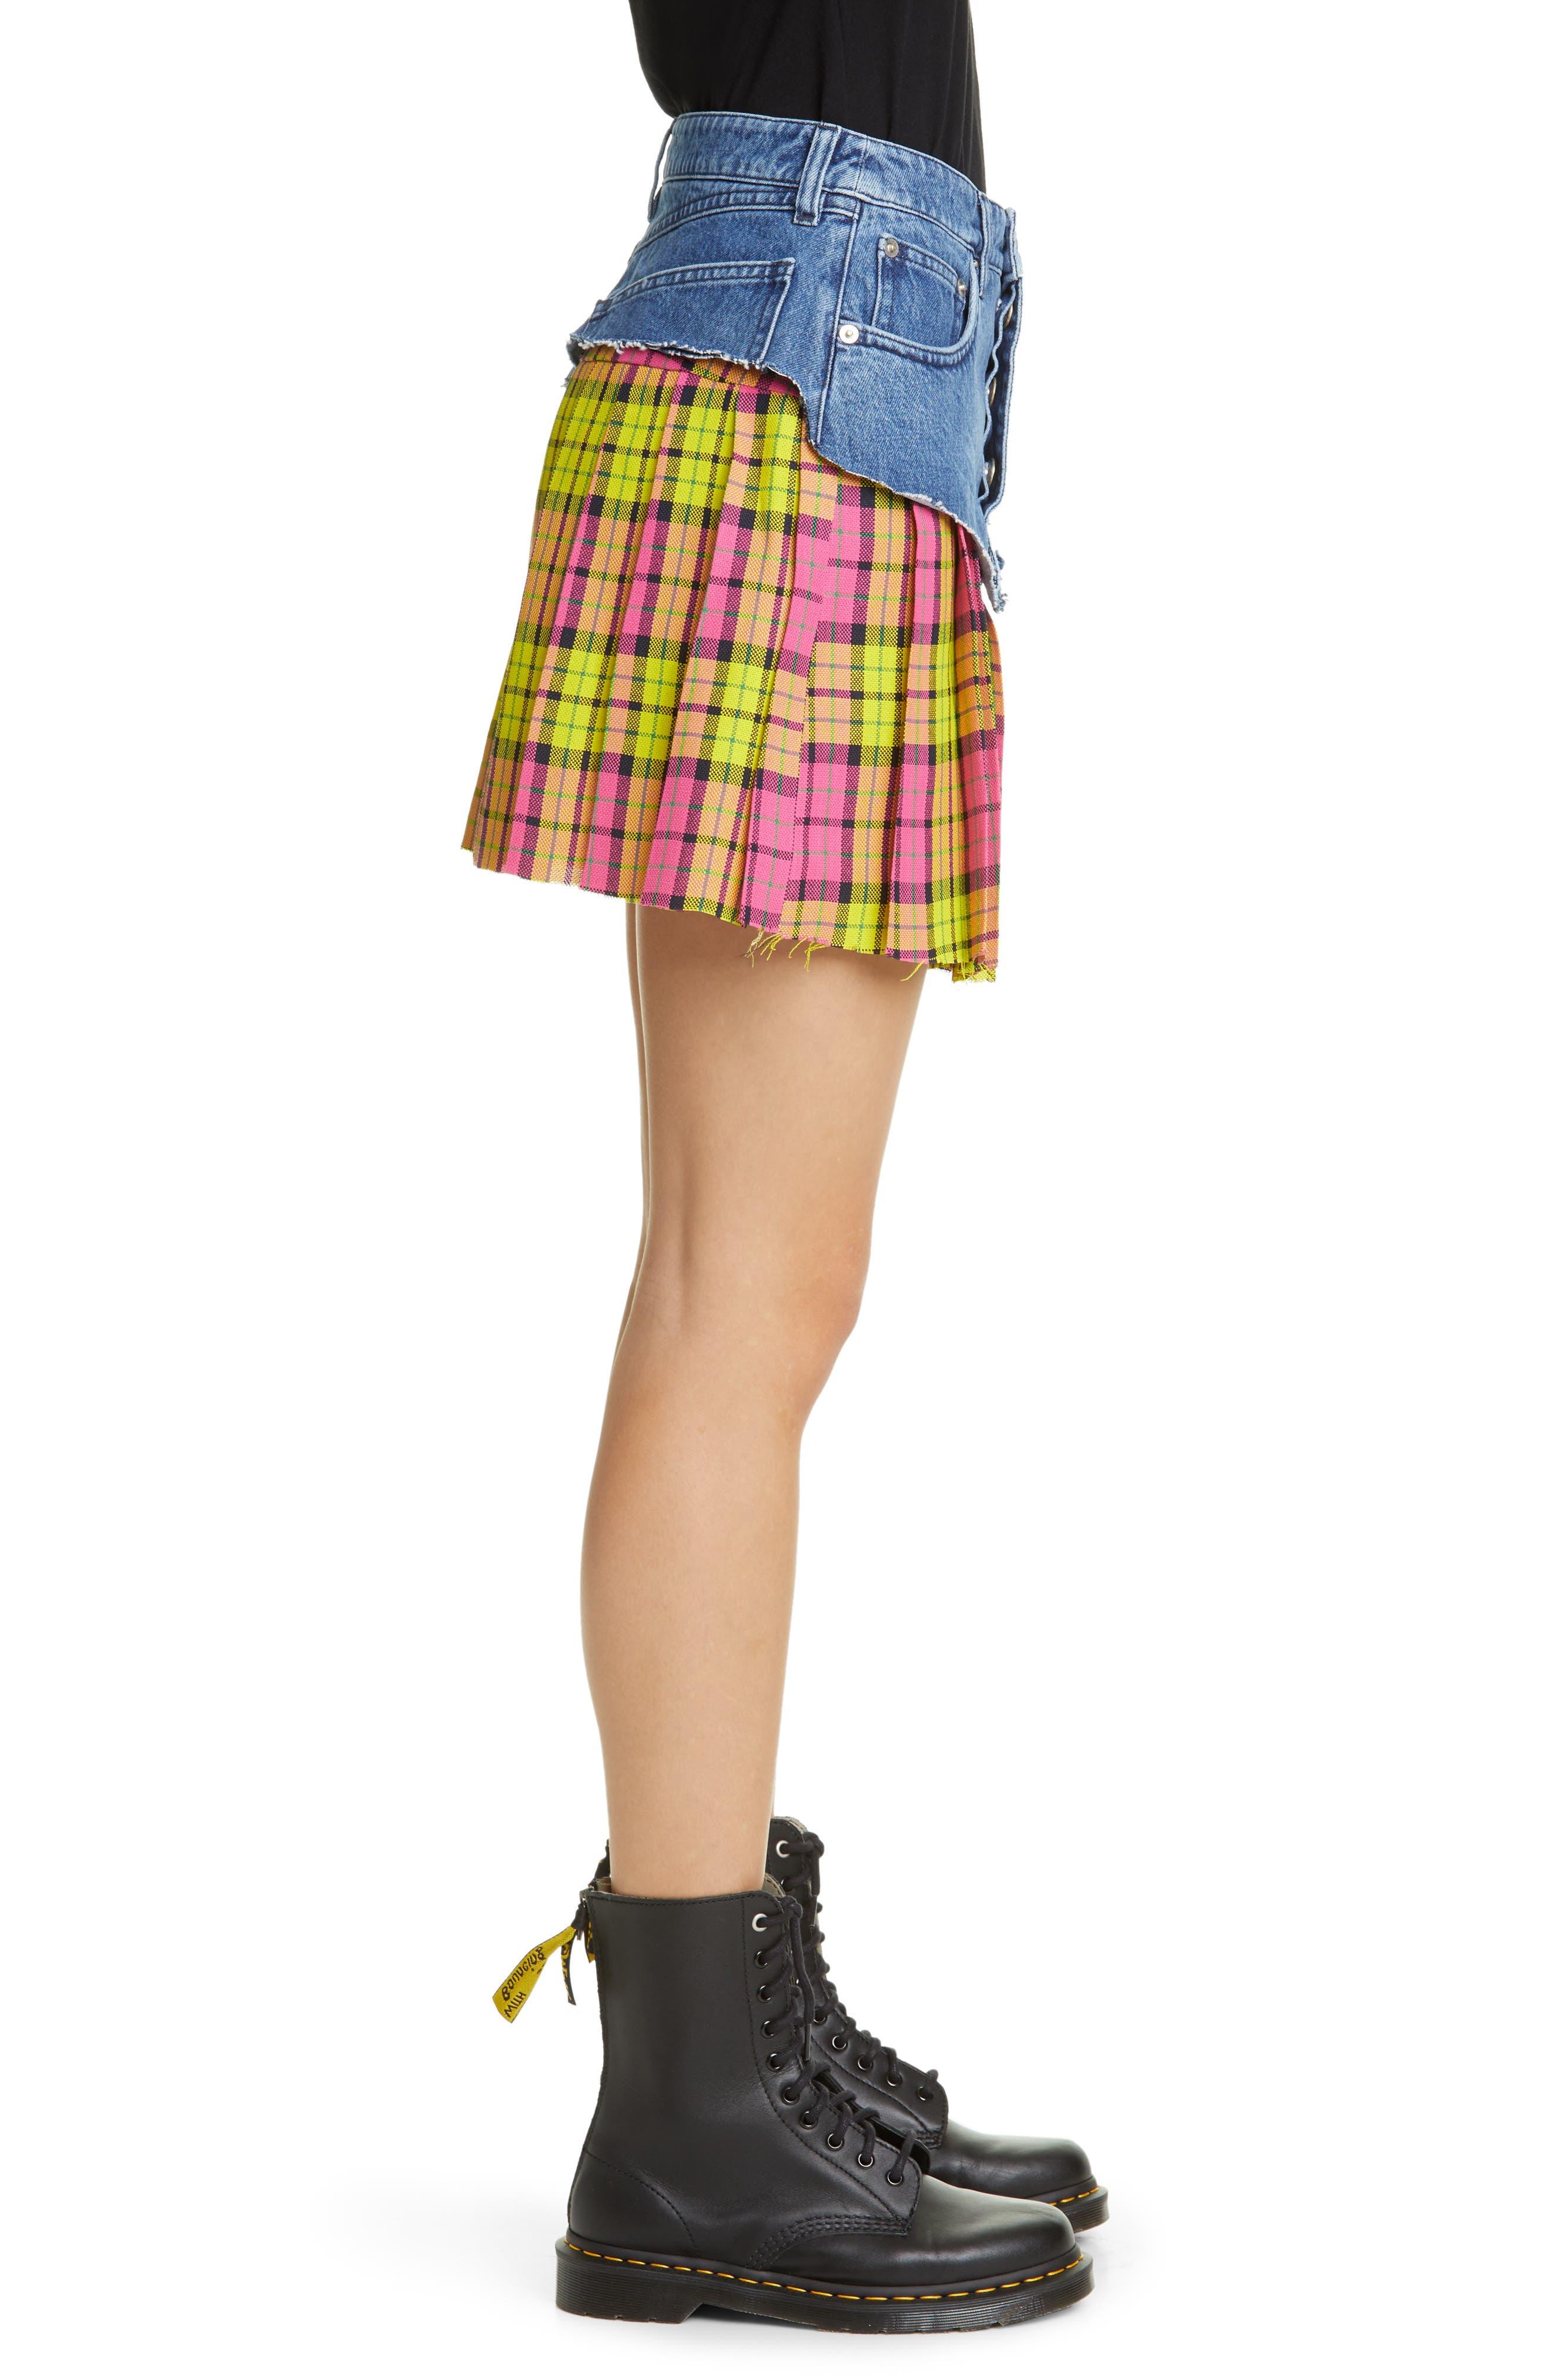 VETEMENTS, Schoolgirl Skirt, Alternate thumbnail 3, color, BLUE